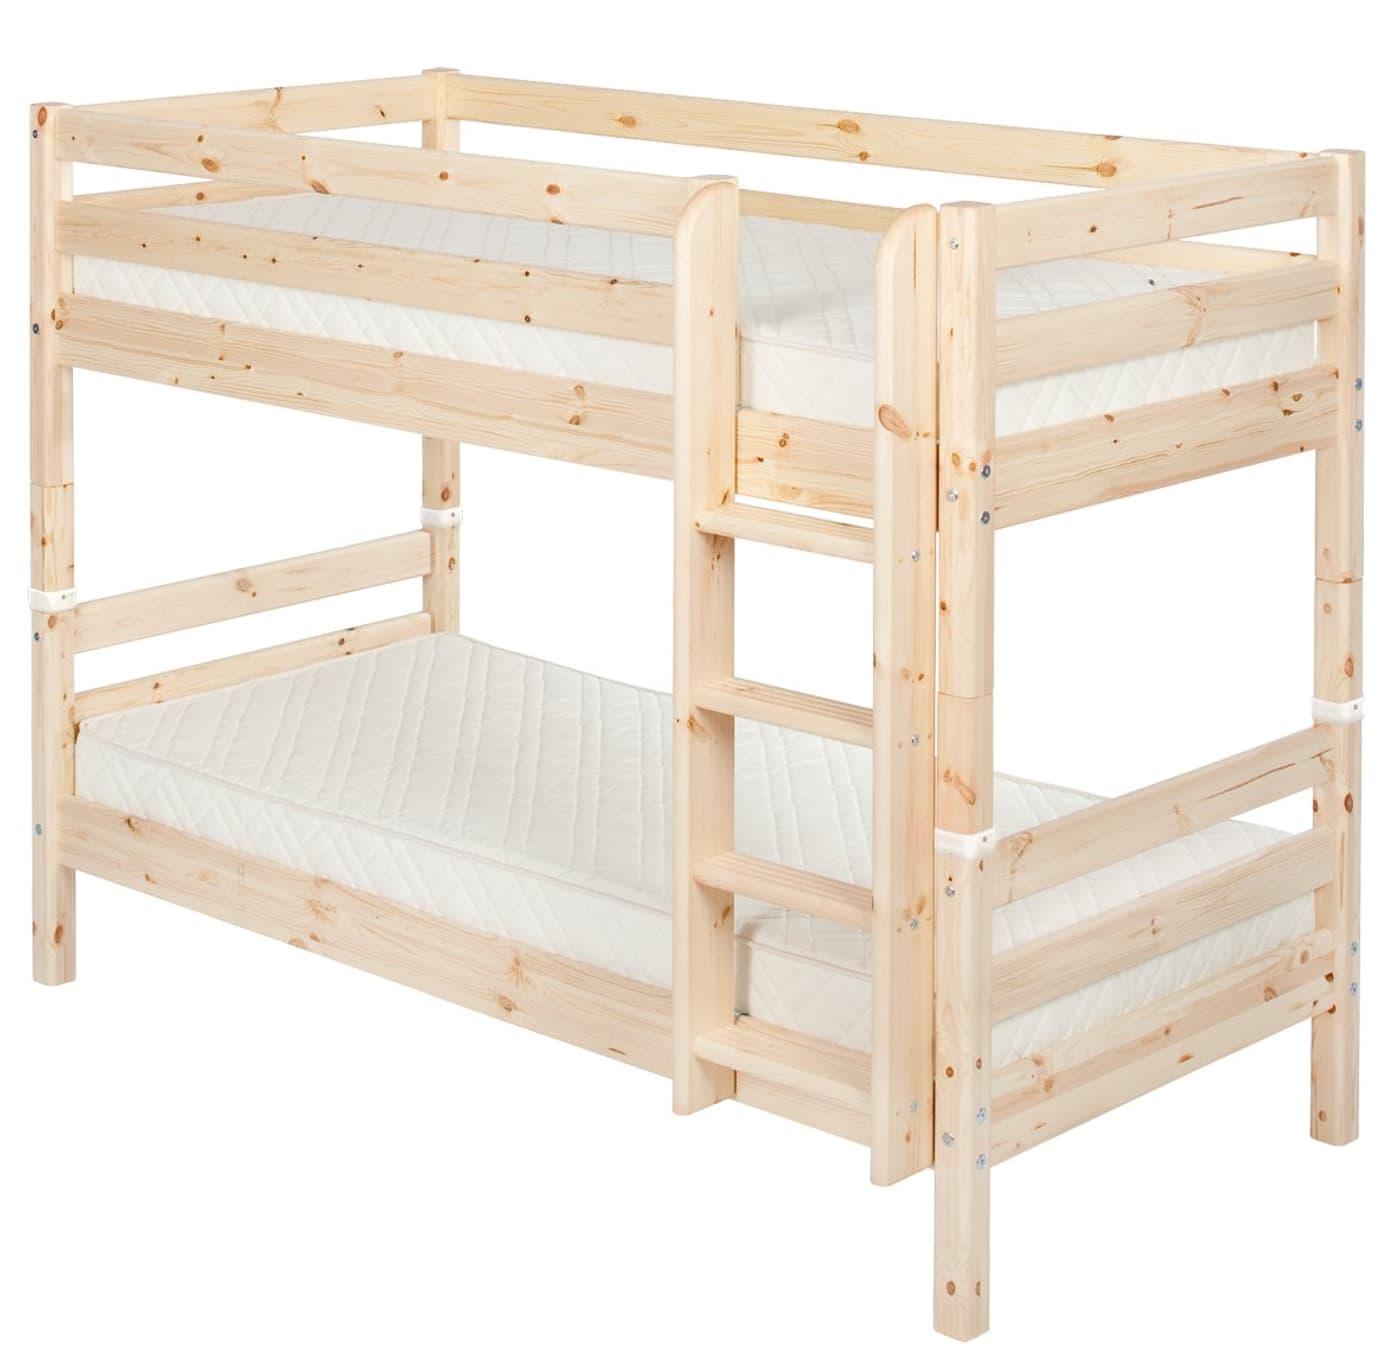 flexa flexa classic etagenbett migros. Black Bedroom Furniture Sets. Home Design Ideas